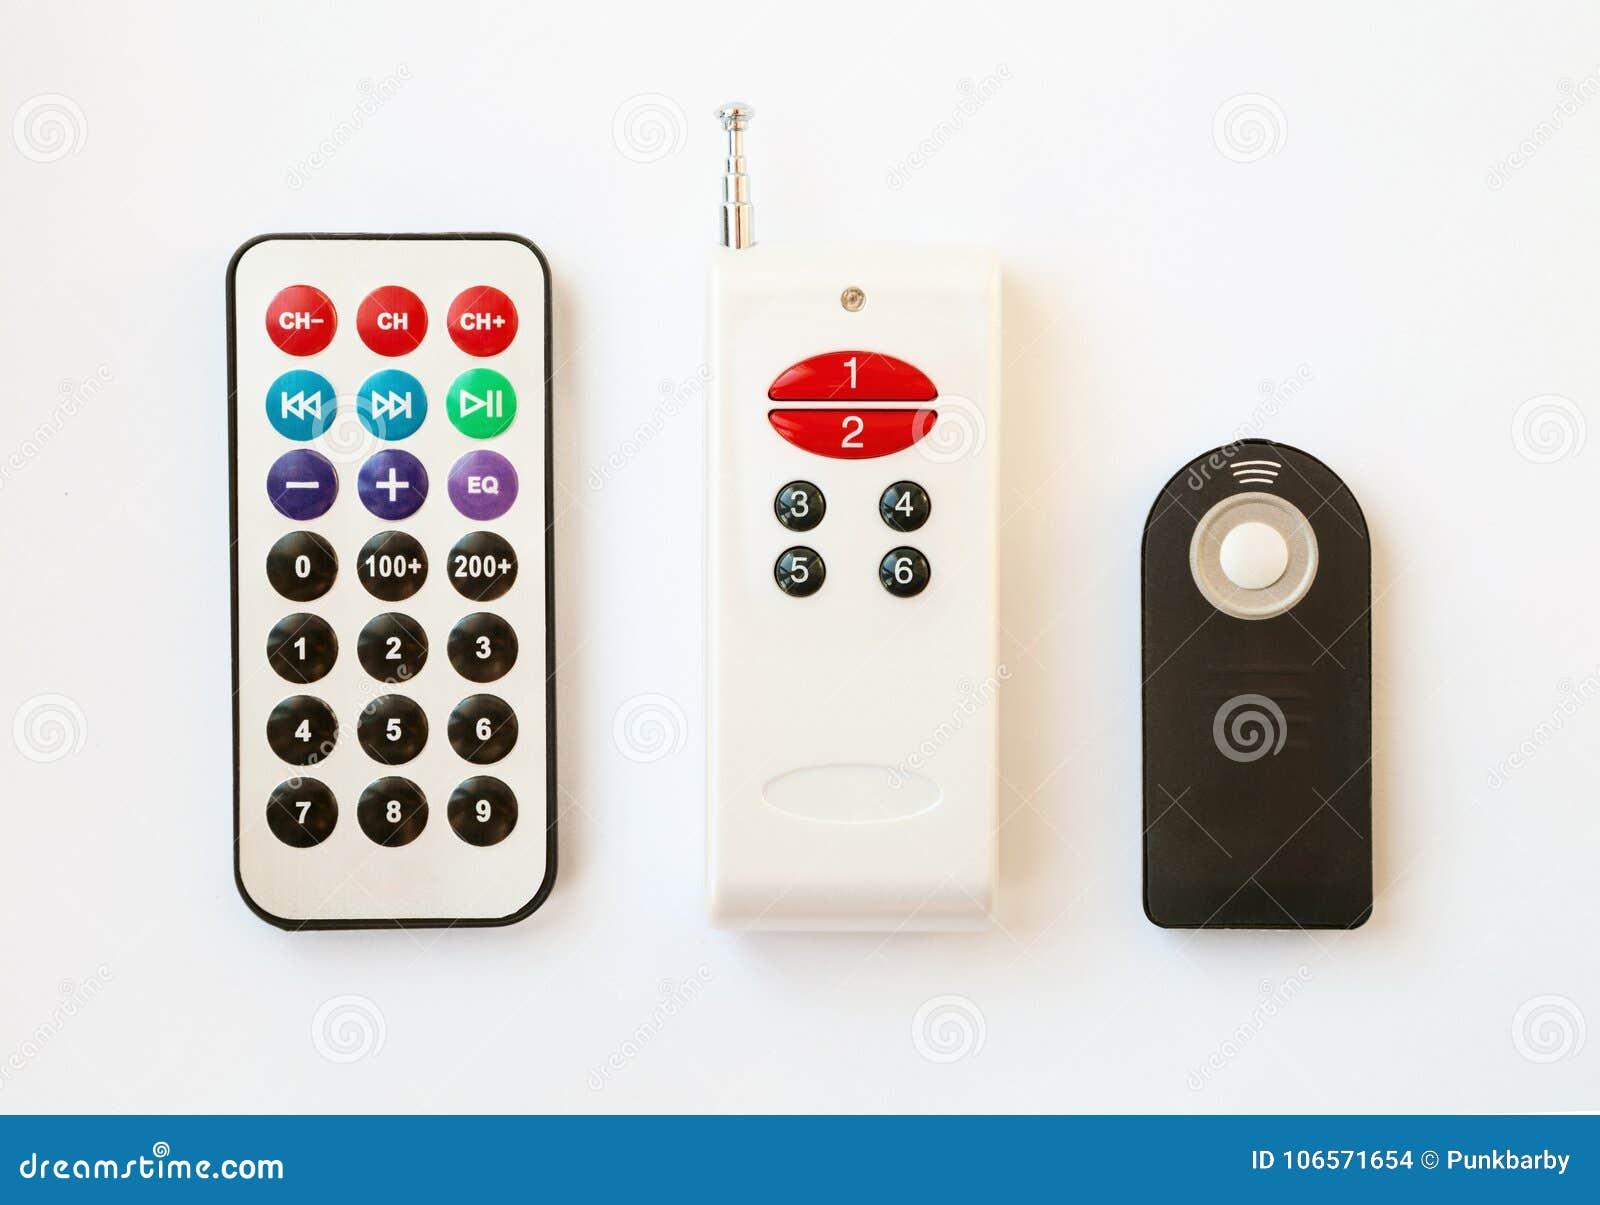 3 typ pilot do tv z różnorodną liczbą guziki